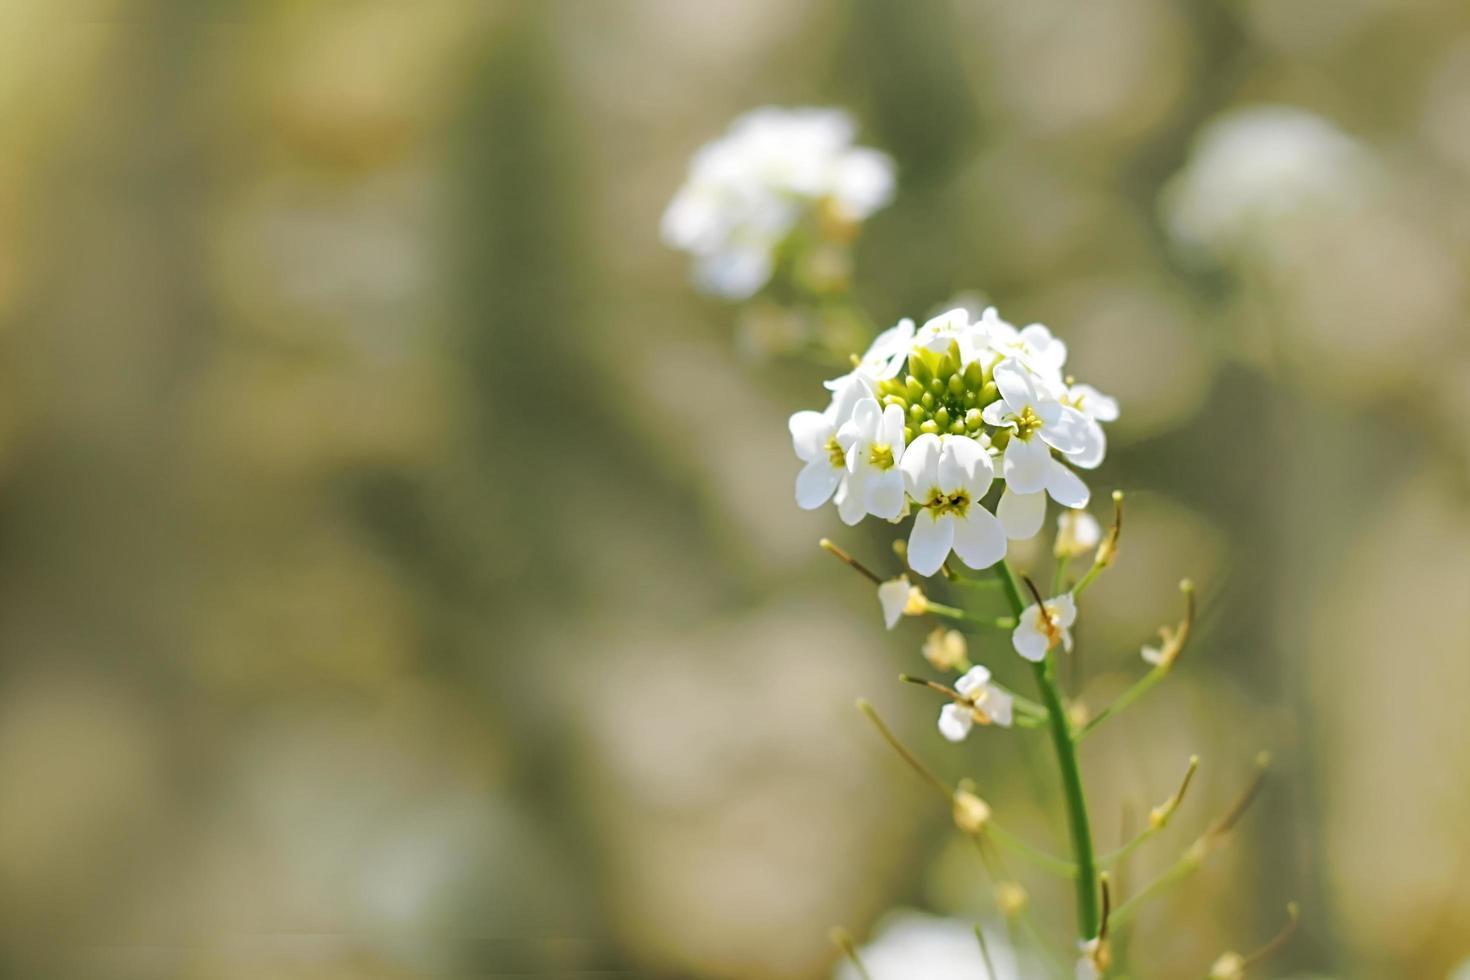 vita blommor i fältet foto